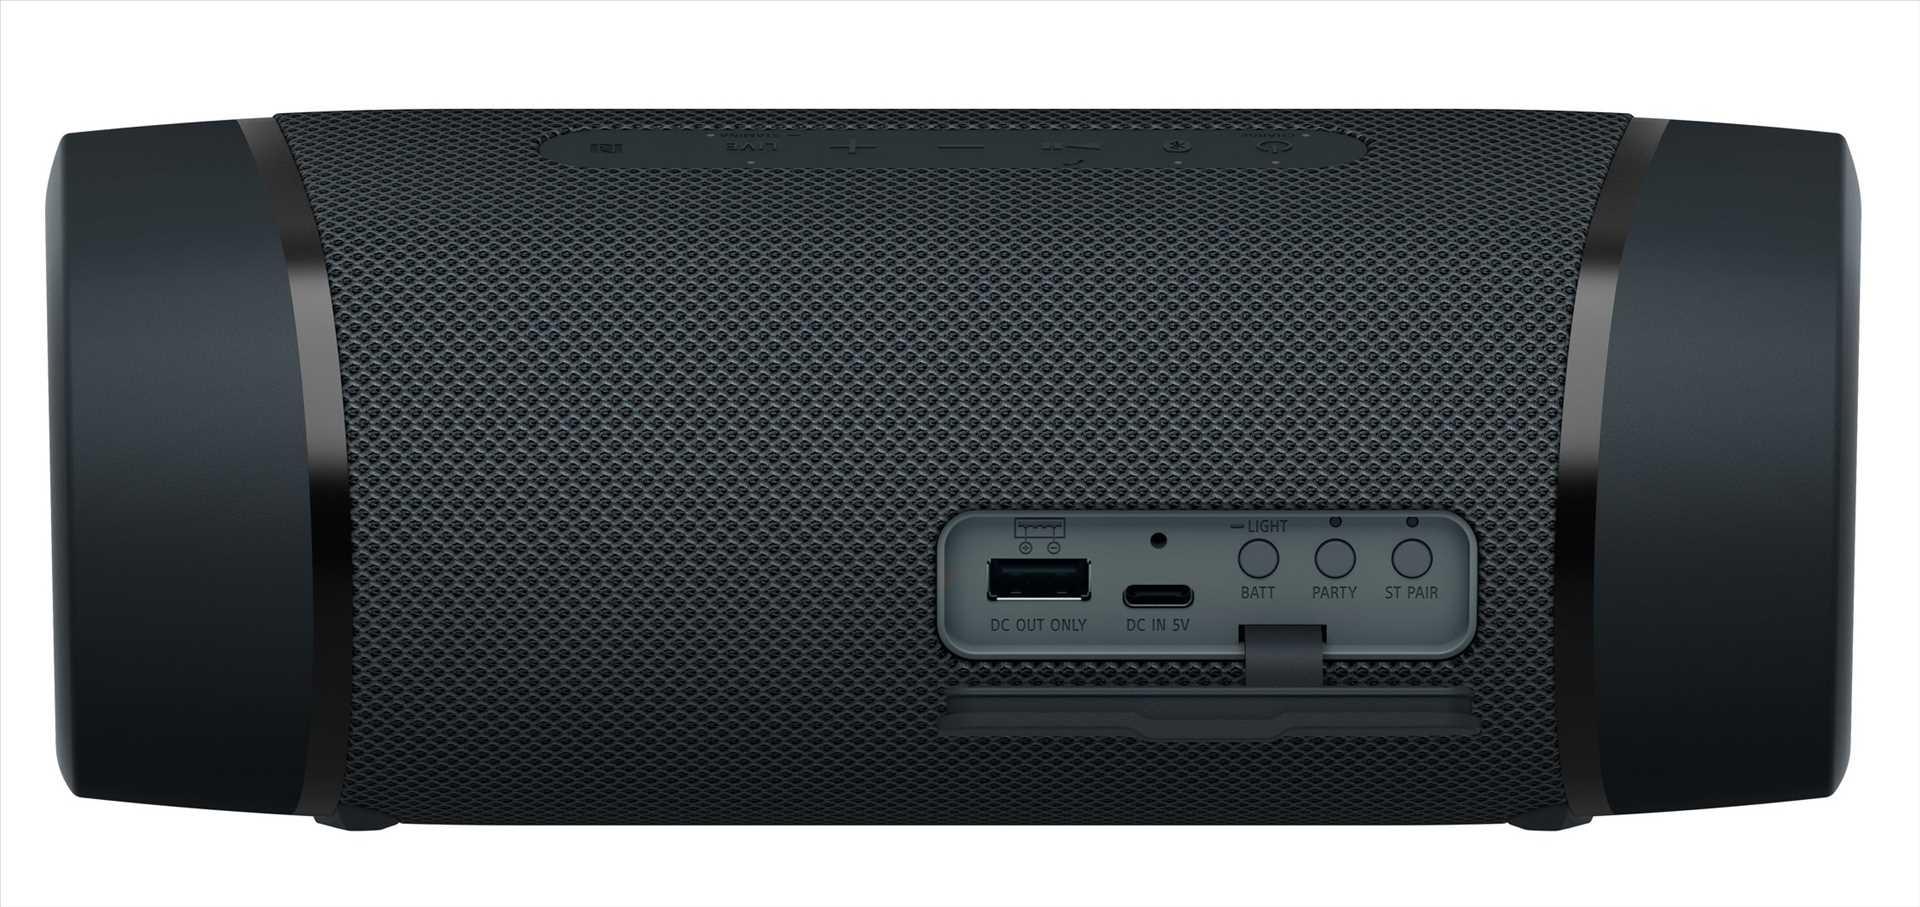 רמקול נייד סוני שחור SONY SRS-XB33B סוני - תמונה 5